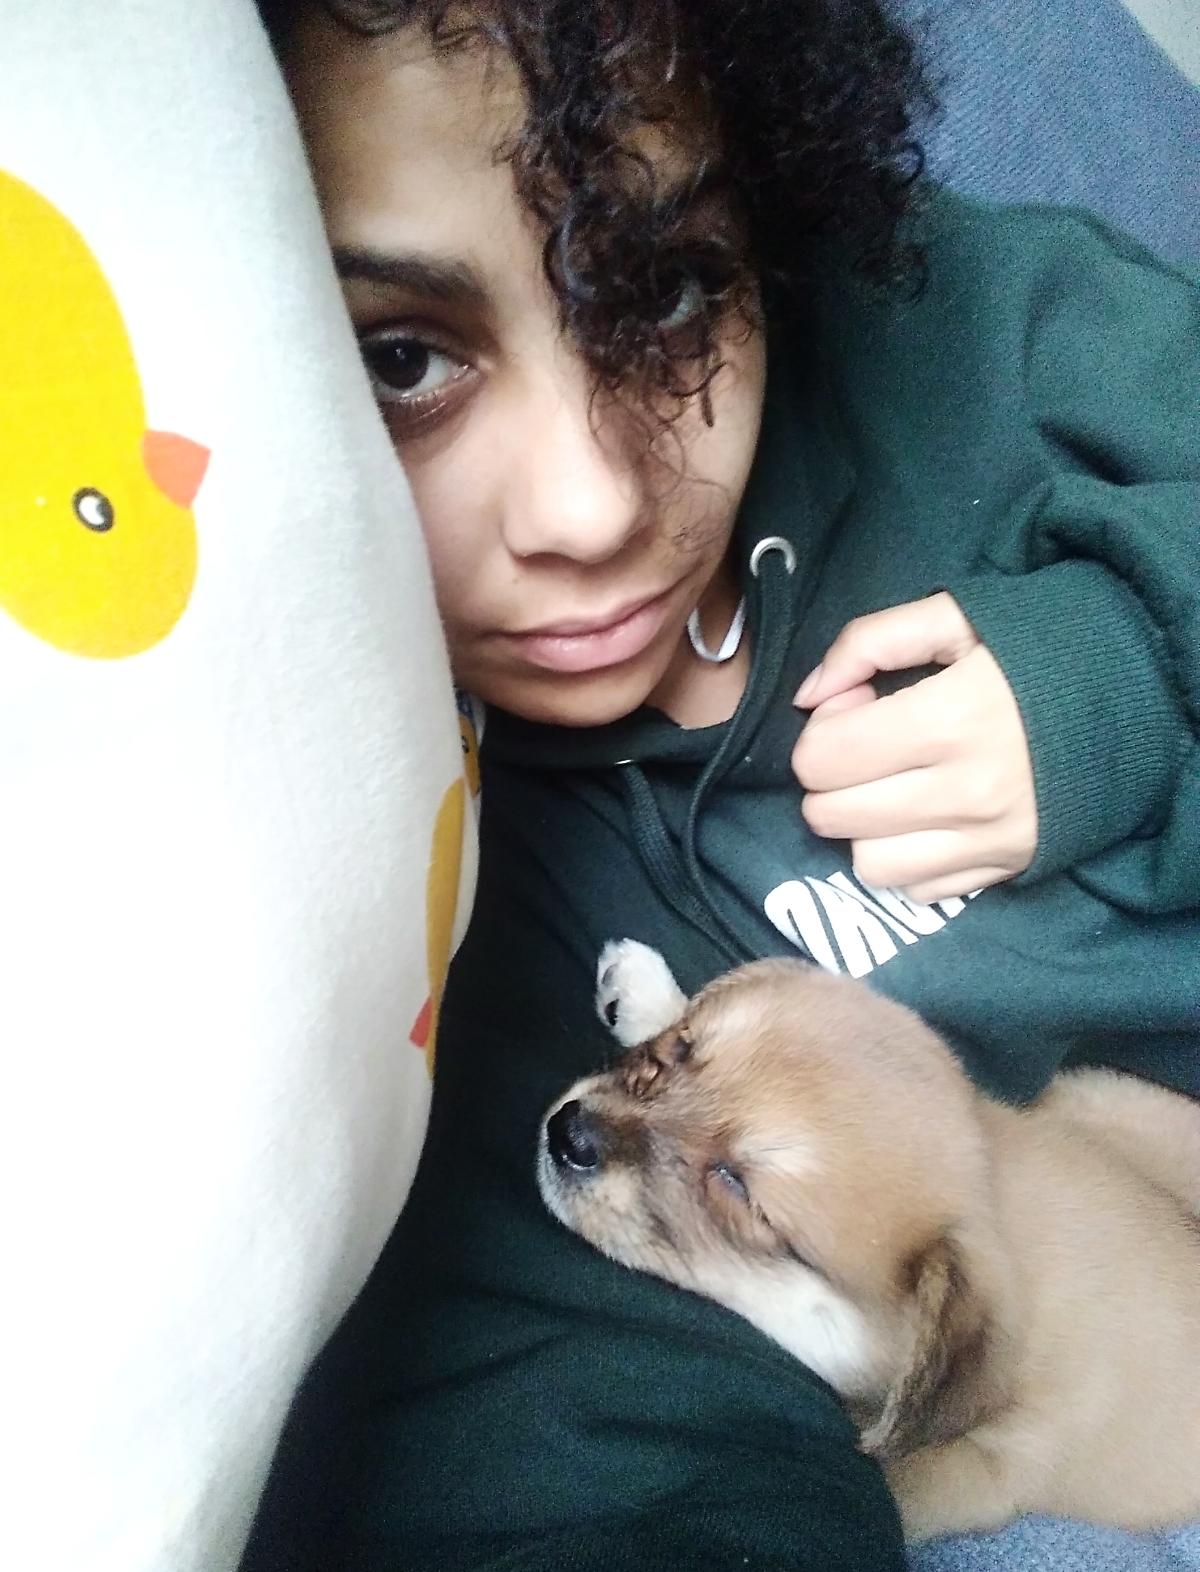 Puppies help.